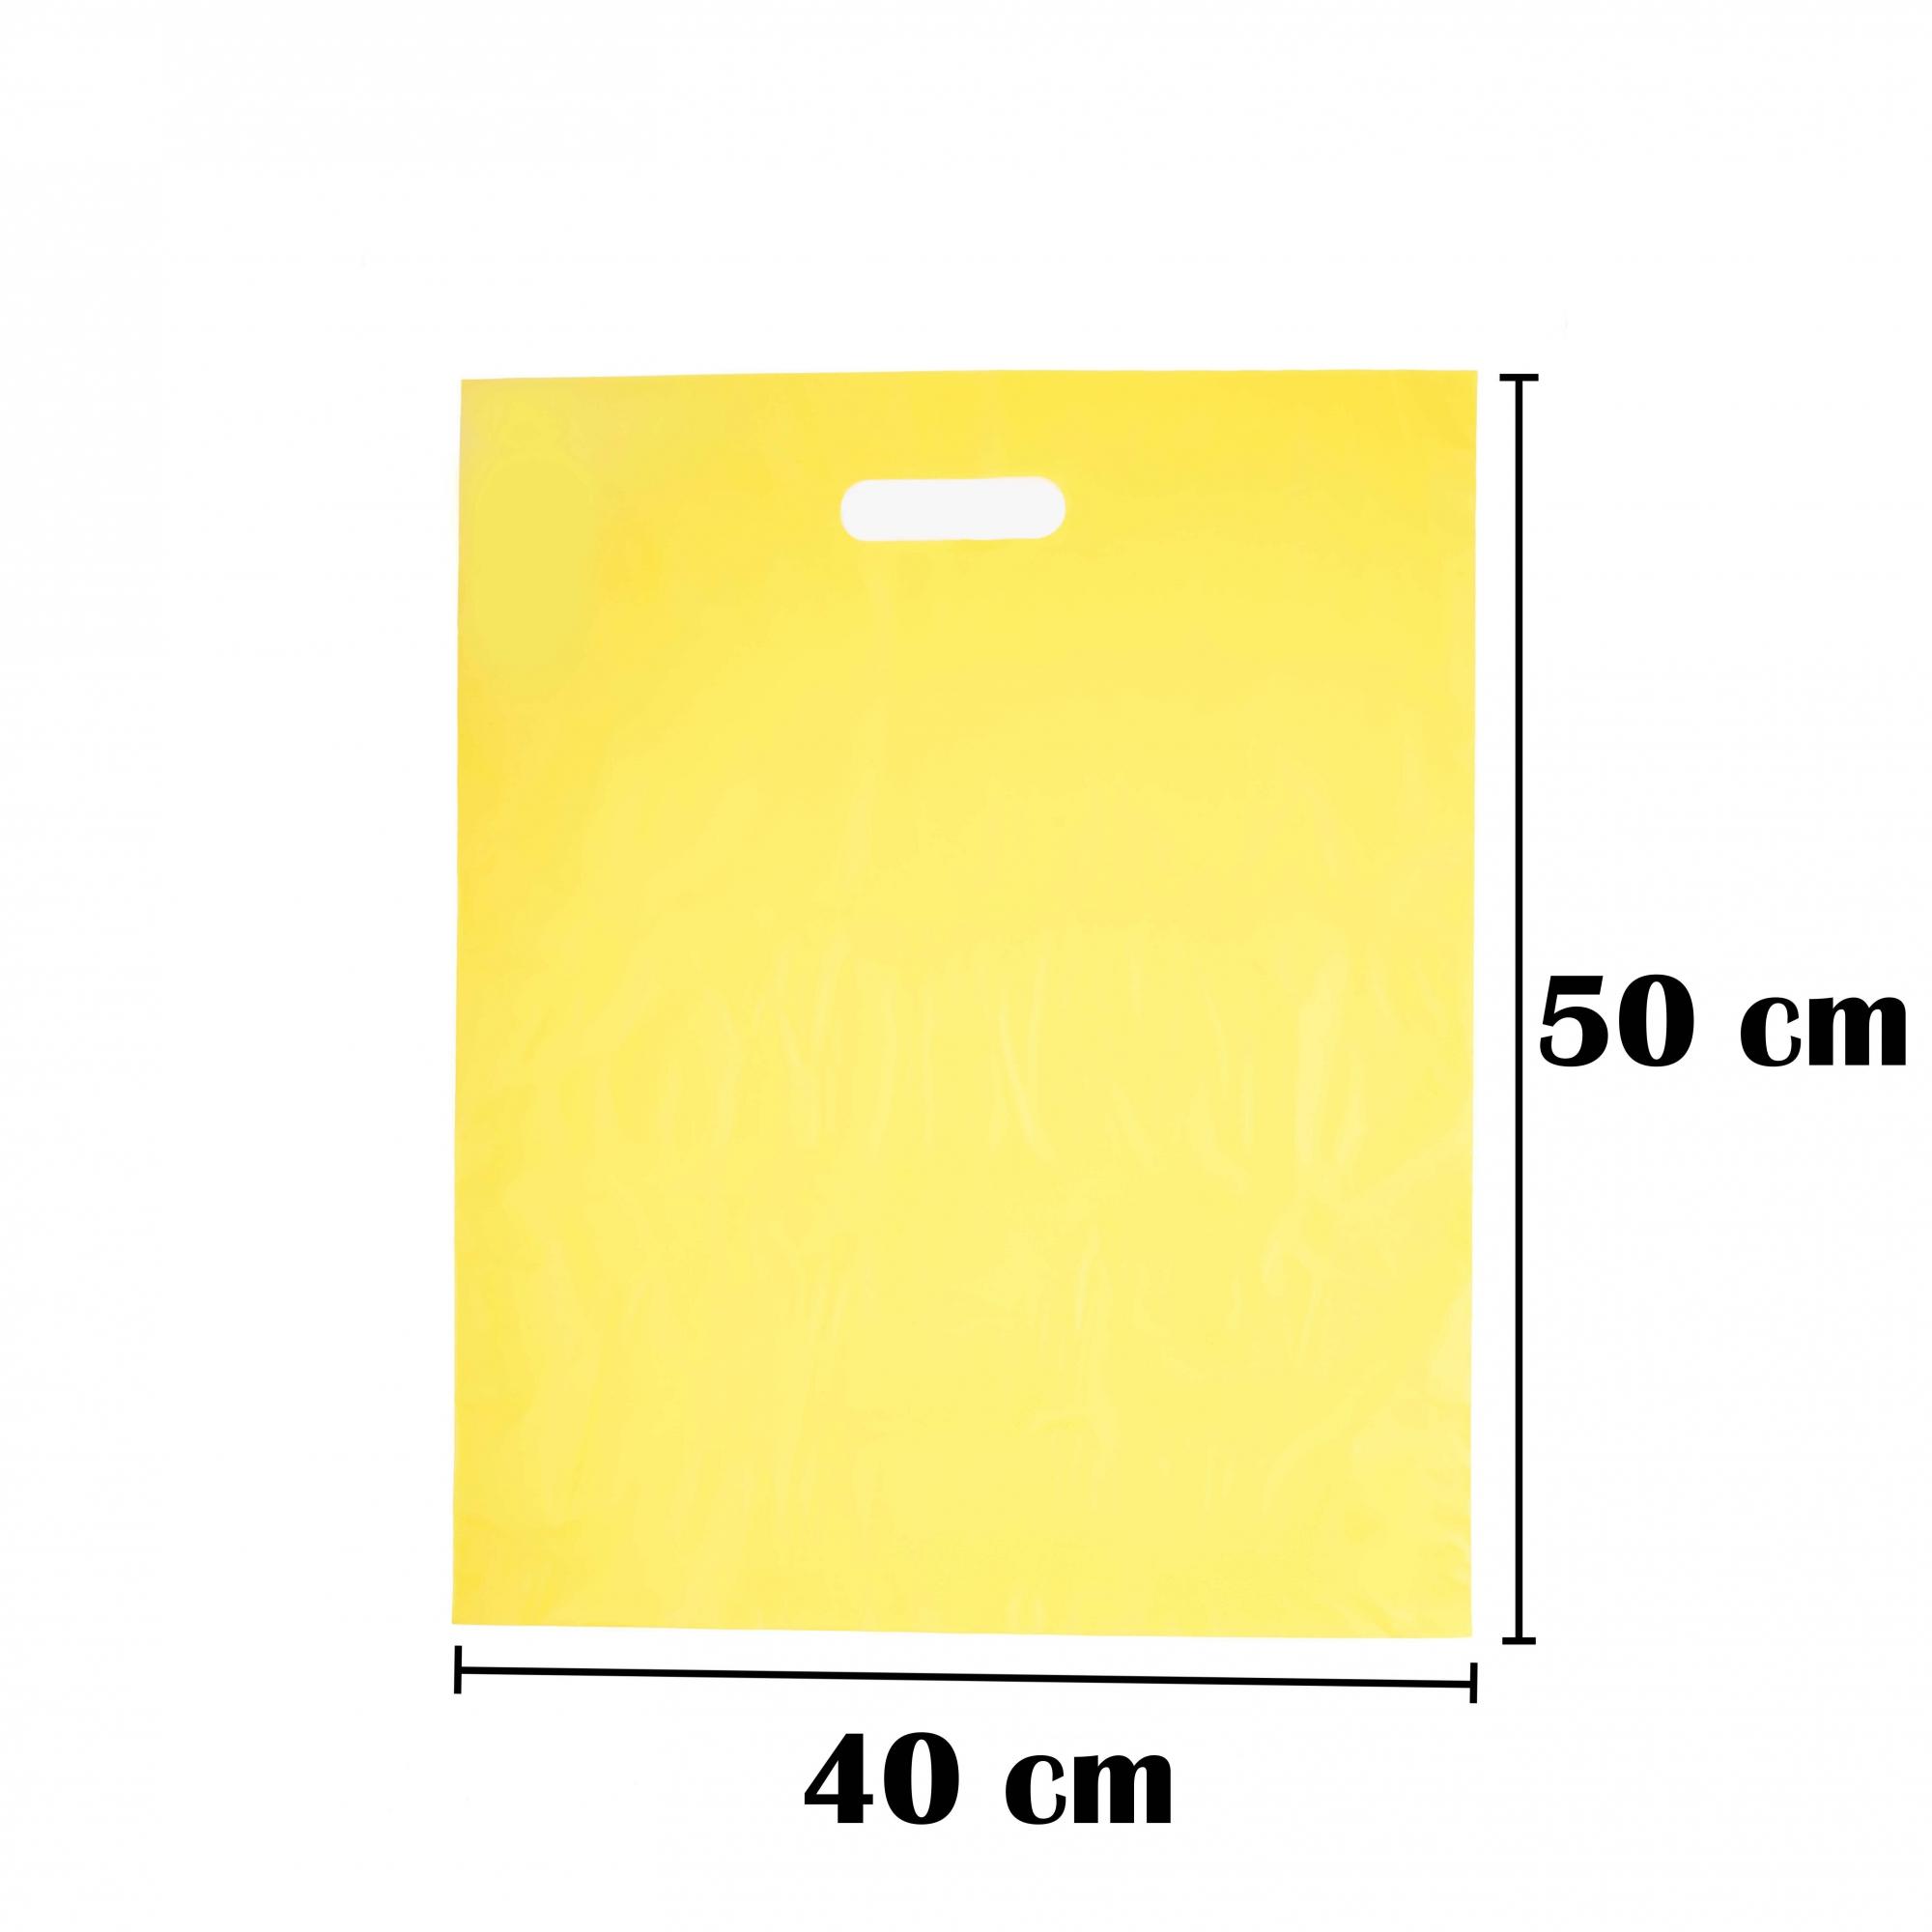 Sacola Plástica 40x50 Amarela Alça Boca de Palhaço 100 Unidades